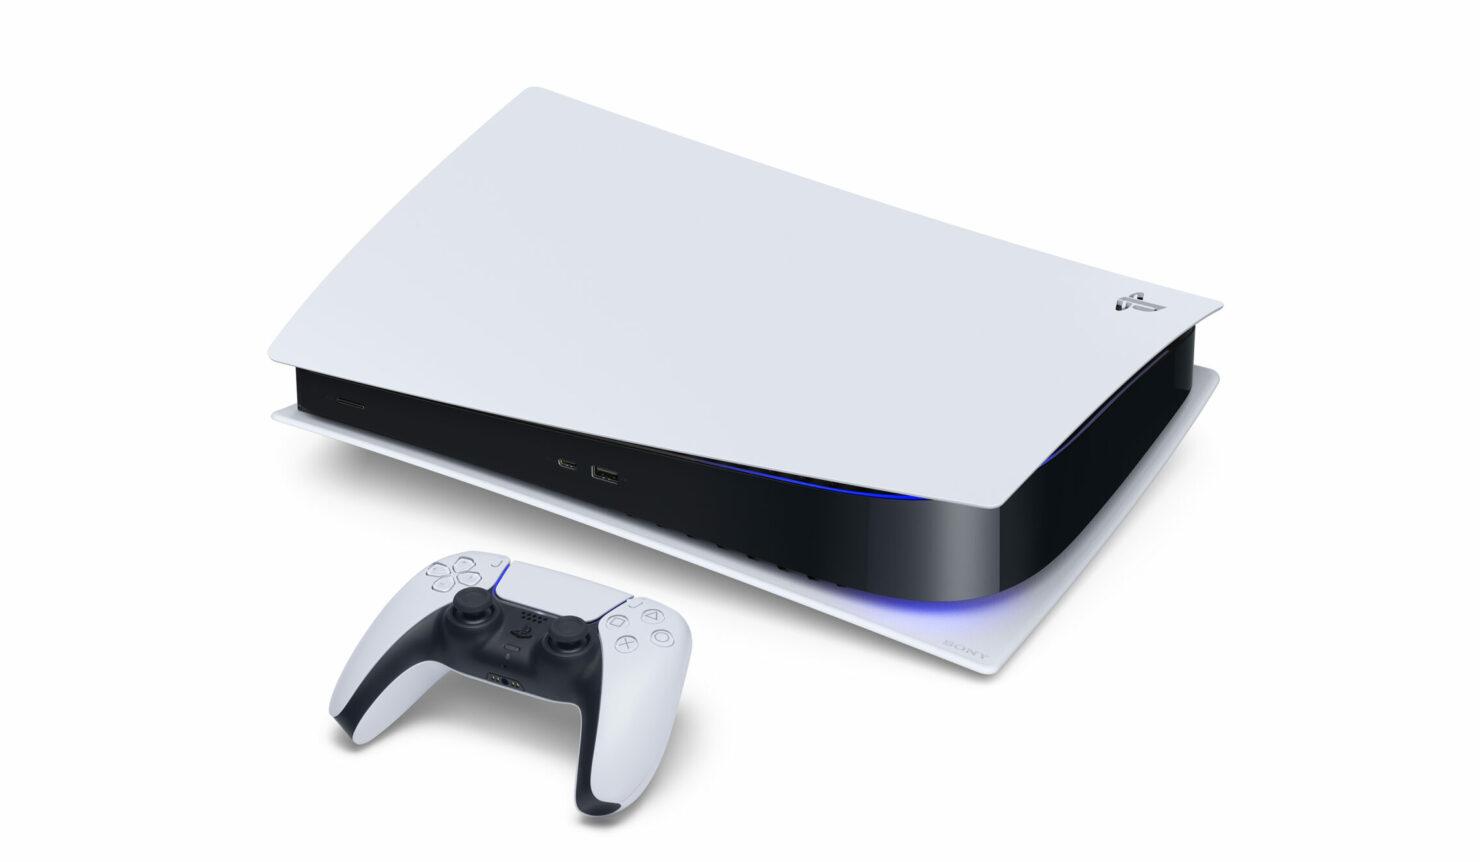 游戏新消息:明基官网暗示PS5或支持1440P/120FPS